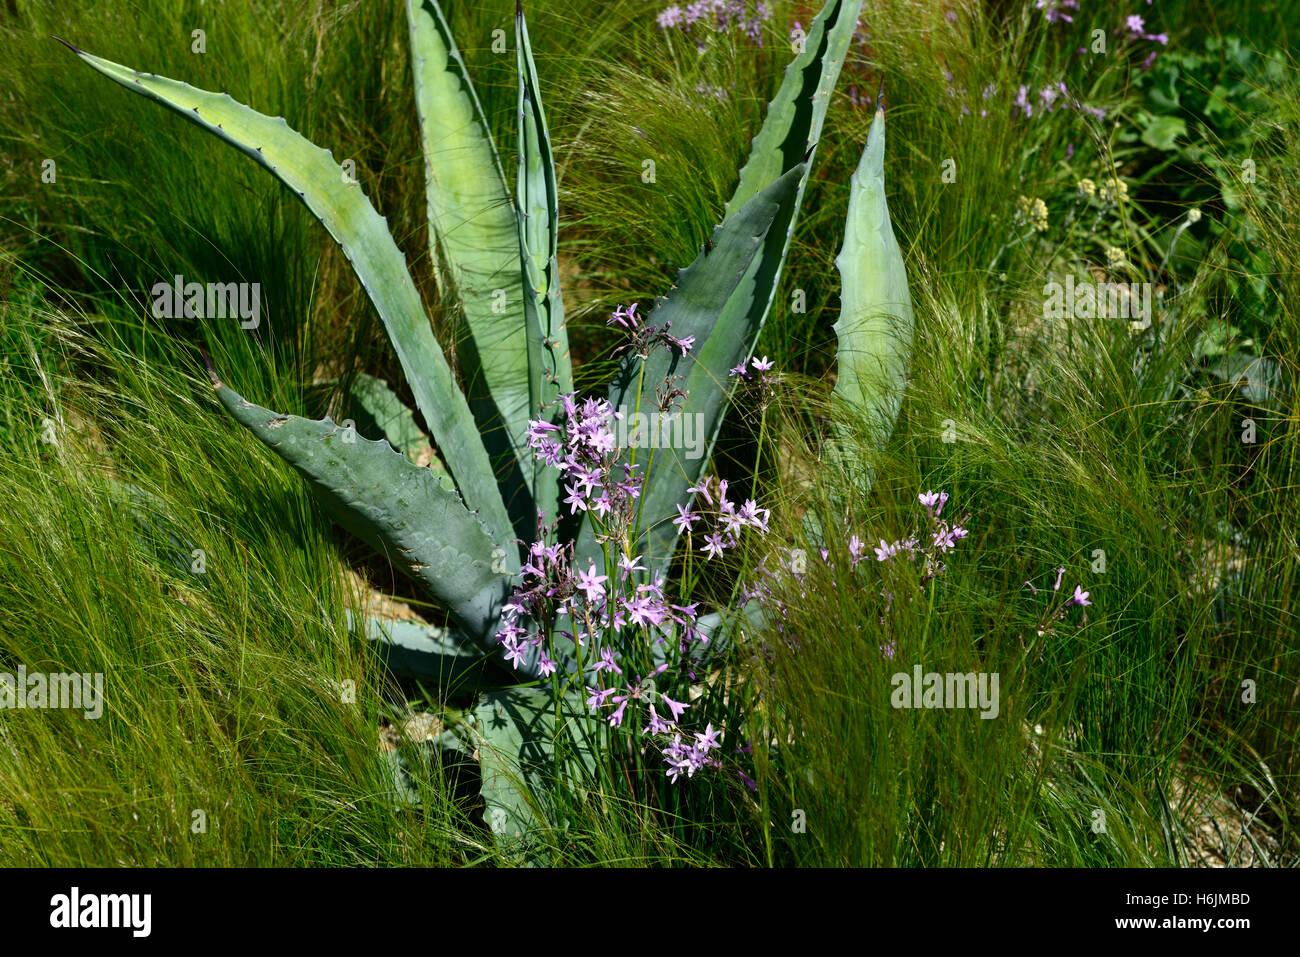 agave americana tulbaghia violacea nana stipa trocken w ste pflanze pflanzen pflanzen. Black Bedroom Furniture Sets. Home Design Ideas